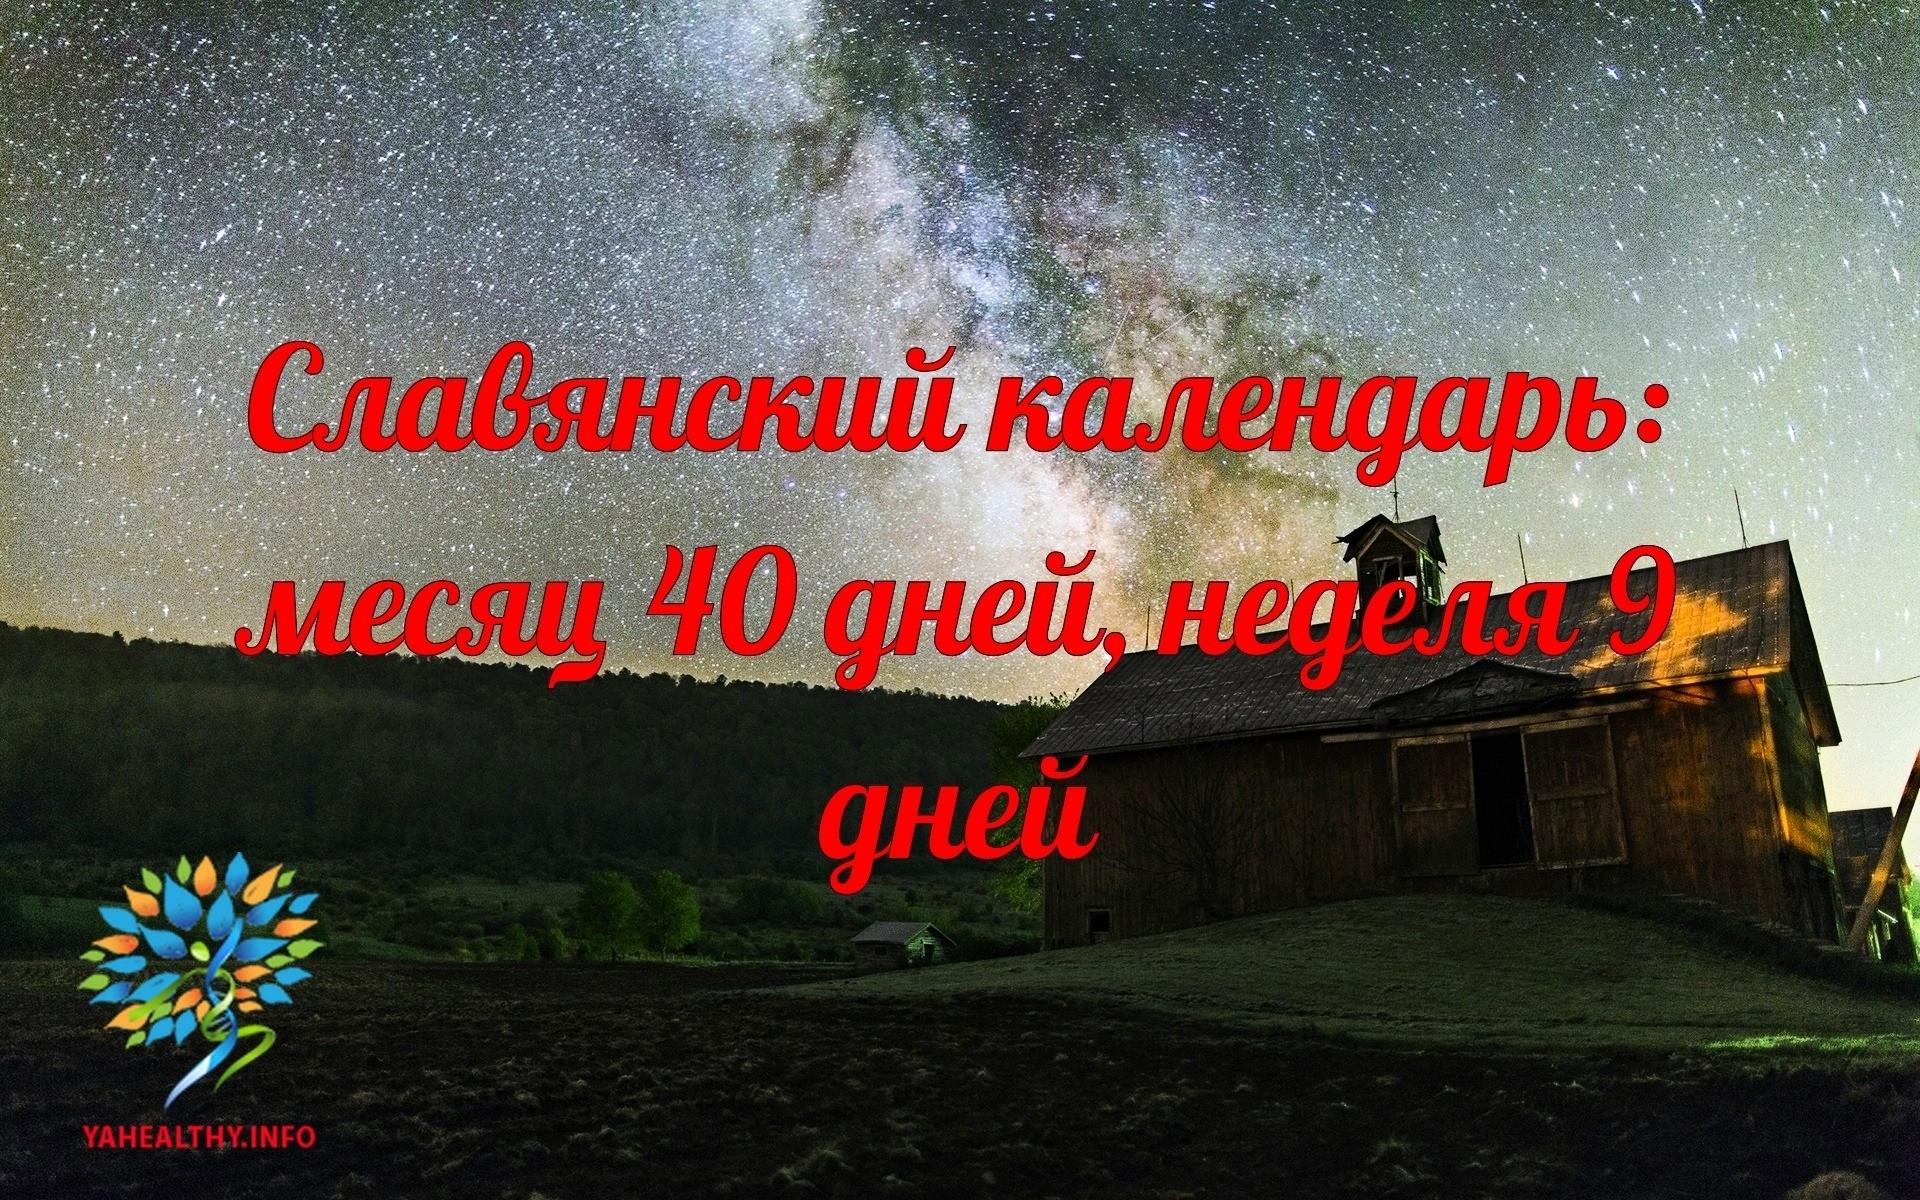 Славянский календарь: месяц 40 дней, неделя 9 дней